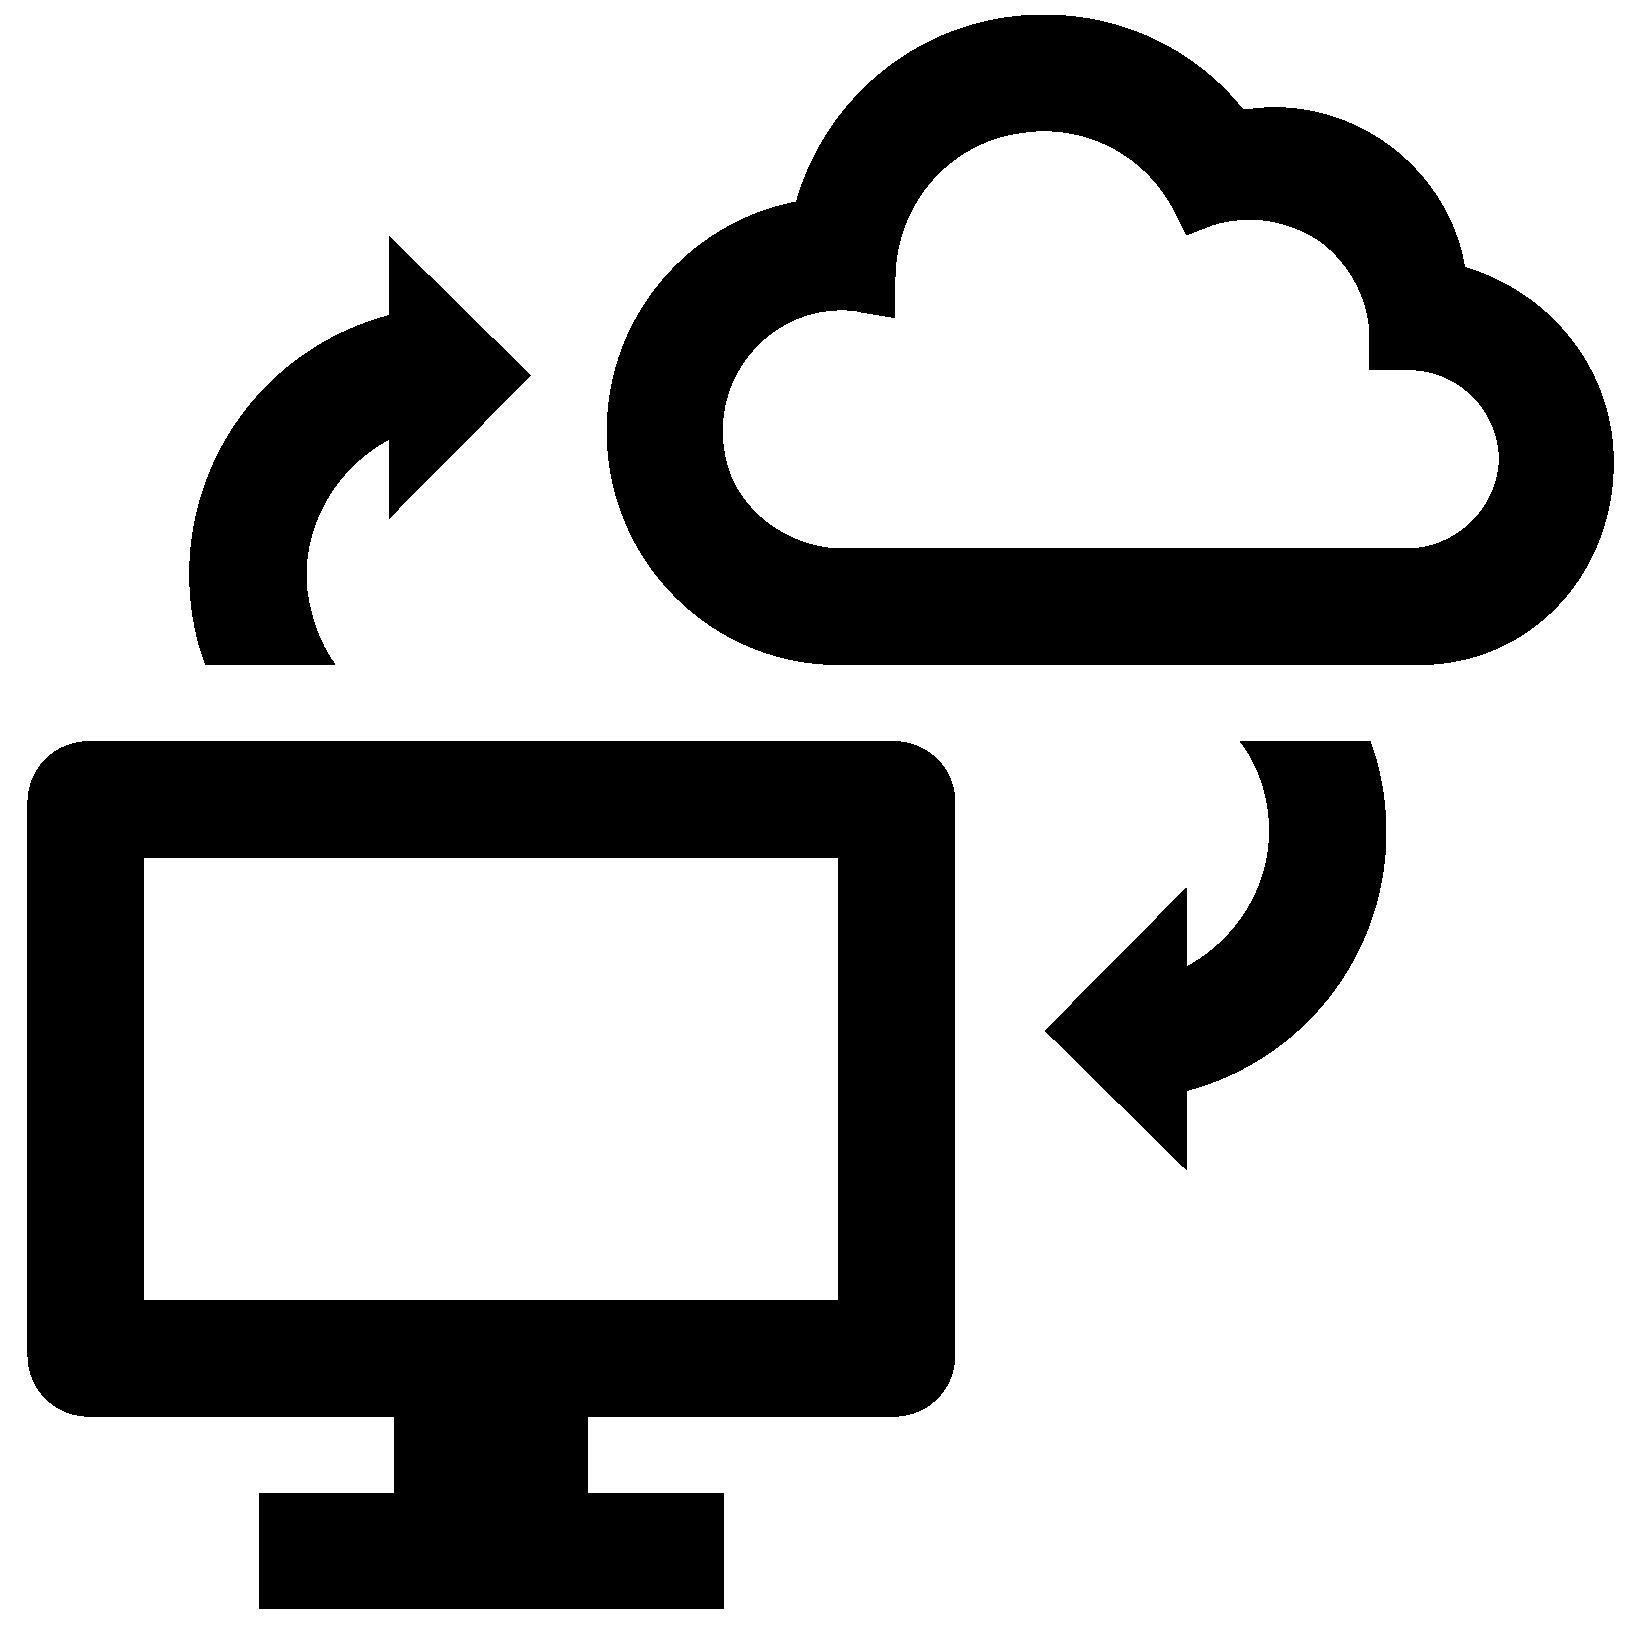 icons landing-04.png